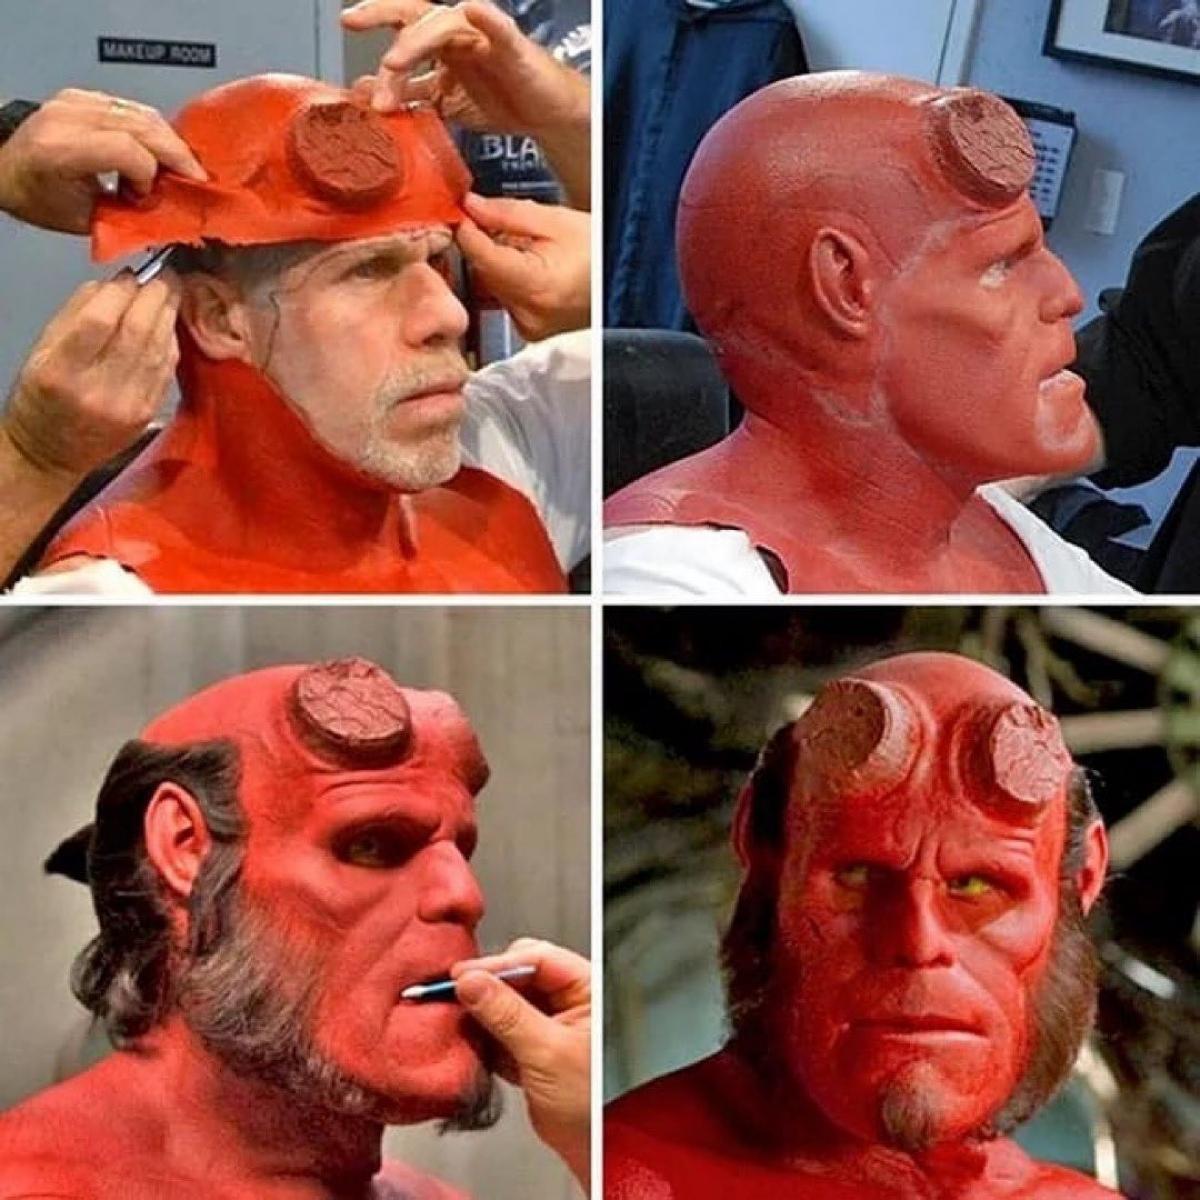 Ron Perlman và vai diễn Hellboy để lại ấn tượng khó quên trong lòng khán giả. 40 năm kinh nghiệm diễn xuất và lồng tiếng, nam diễn viên đã tham gia vô số bộ phim, chương trình truyền hình và cả các trò chơi điện tử./.